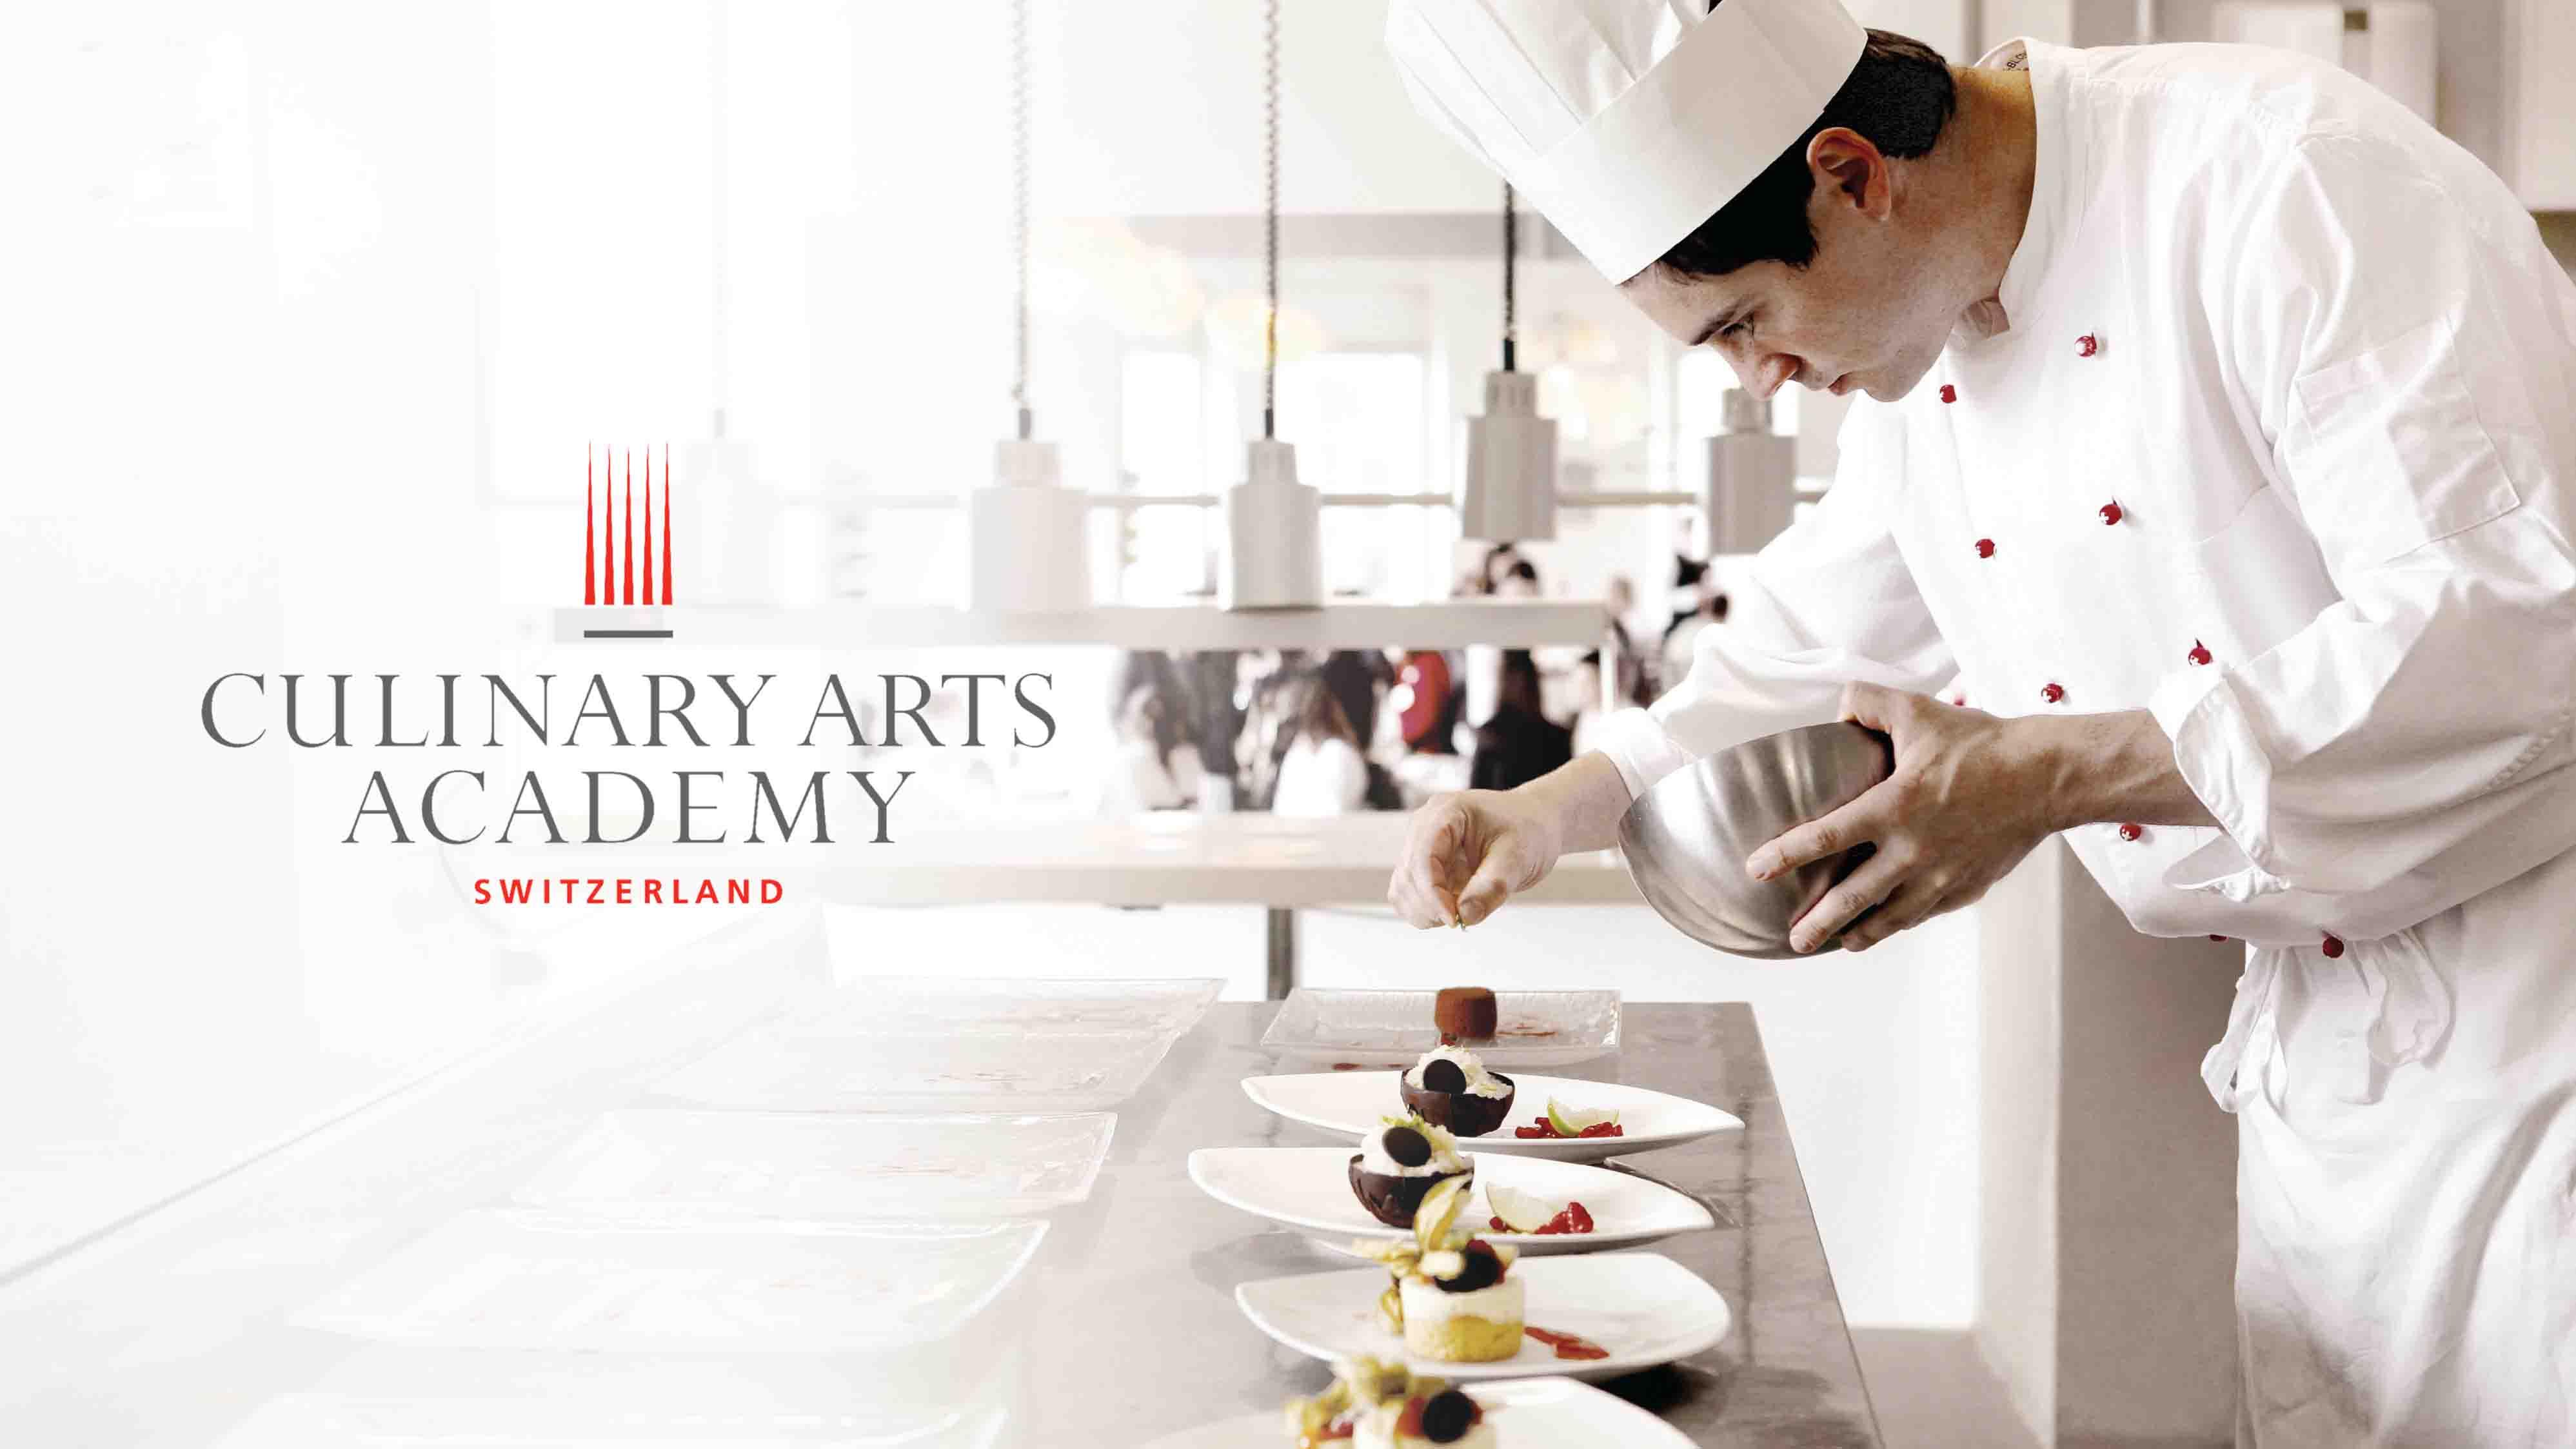 Bạn yêu thích ẩm thực, muốn được học nấu nướng với các đầu bếp lão làng trên khắp thế giới? Bạn không chỉ muốn phát triển kiến thức chuyên môn ẩm thực, nâng cao kỹ thuật nấu nướng để trở thành đầu bếp, làm việc trong những nhà hàng gắn sao Michelin, những khách sạn 5 sao mà còn muốn tự khởi nghiệp, hoặc trở về quê hương tham gia việc kinh doanh của gia đình và phát triển nhà hàng từ 1 lên chuỗi? Hãy gia nhập Học viện CAA ngay hôm nay! CAA (Culinary Arts Academy Switzerland) là một trong những trường dạy ẩm thực danh tiếng trên thế giới. Trường hiện giữ vị trí 21 toàn cầu, đồng thời là trường ẩm thực duy nhất của Thụy Sĩ xuất hiện trong bảng xếp hạng các trường đào tạo ẩm thực và nhà hàng khách sạn tốt nhất thế giới của QS. Du học INEC là đại diện tuyển sinh chính thức của trường tại Việt Nam, sẽ tư vấn khóa học và hỗ trợ bạn tiến hành hồ sơ du học Thụy Sĩ: •Tổng đài: 1900 636 990 •Hotline KV miền Bắc & Nam: 093 409 2662 - 093 409 9948 •Hotline KV miền Trung: 093 409 9070 - 093 409 4449 •Email: inec@inec.vn •Website: https://duhocinec.com/du-hoc-thuy-si-... #duhocinec #duhocthuysi #culinaryartsacademy